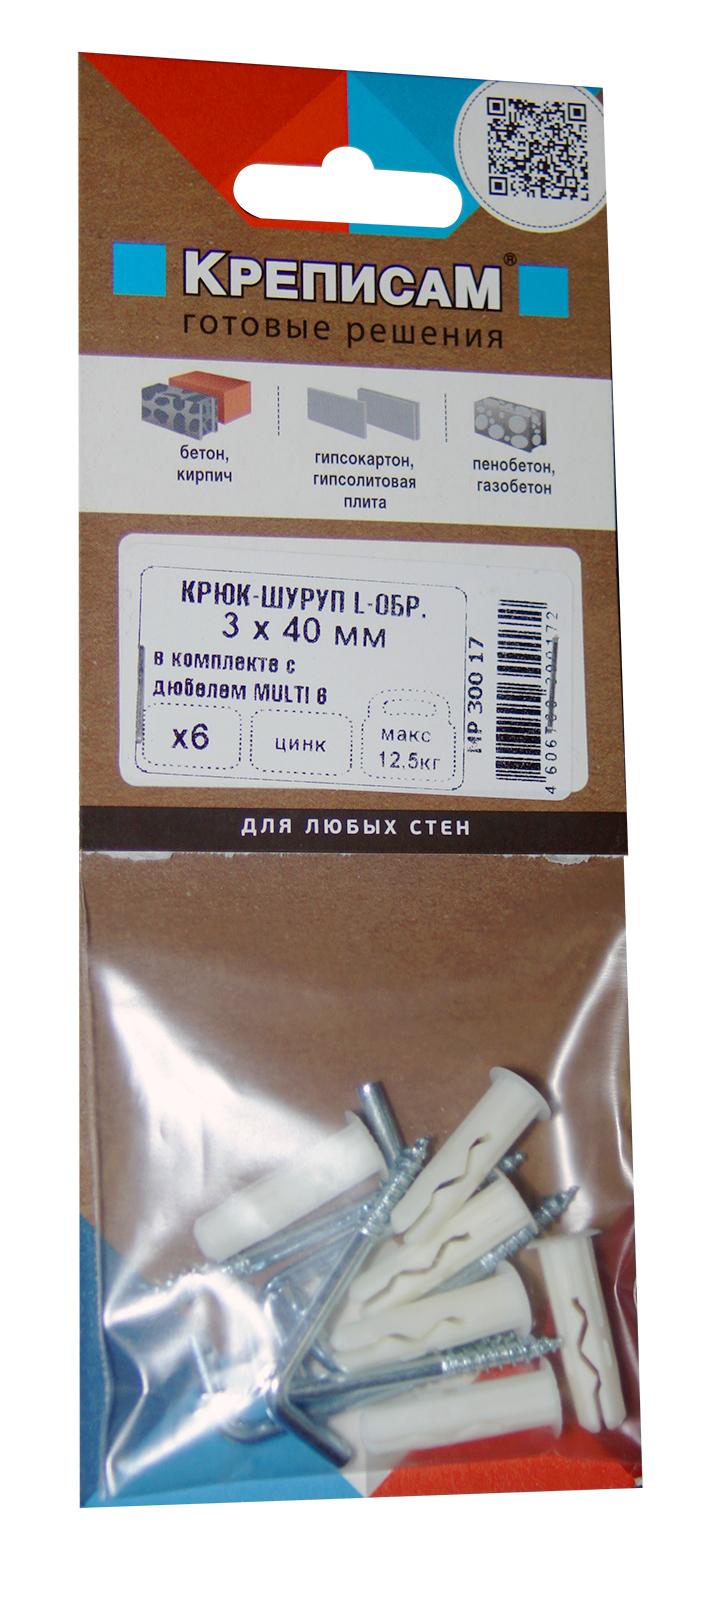 Набор КРЕПИСАМДюбели и дюбель-гвозди<br>Тип: дюбель,<br>Диаметр: 6,<br>Длина (мм): 25,<br>Материал: нейлон,<br>Набор: есть,<br>Количество в упаковке: 6<br>